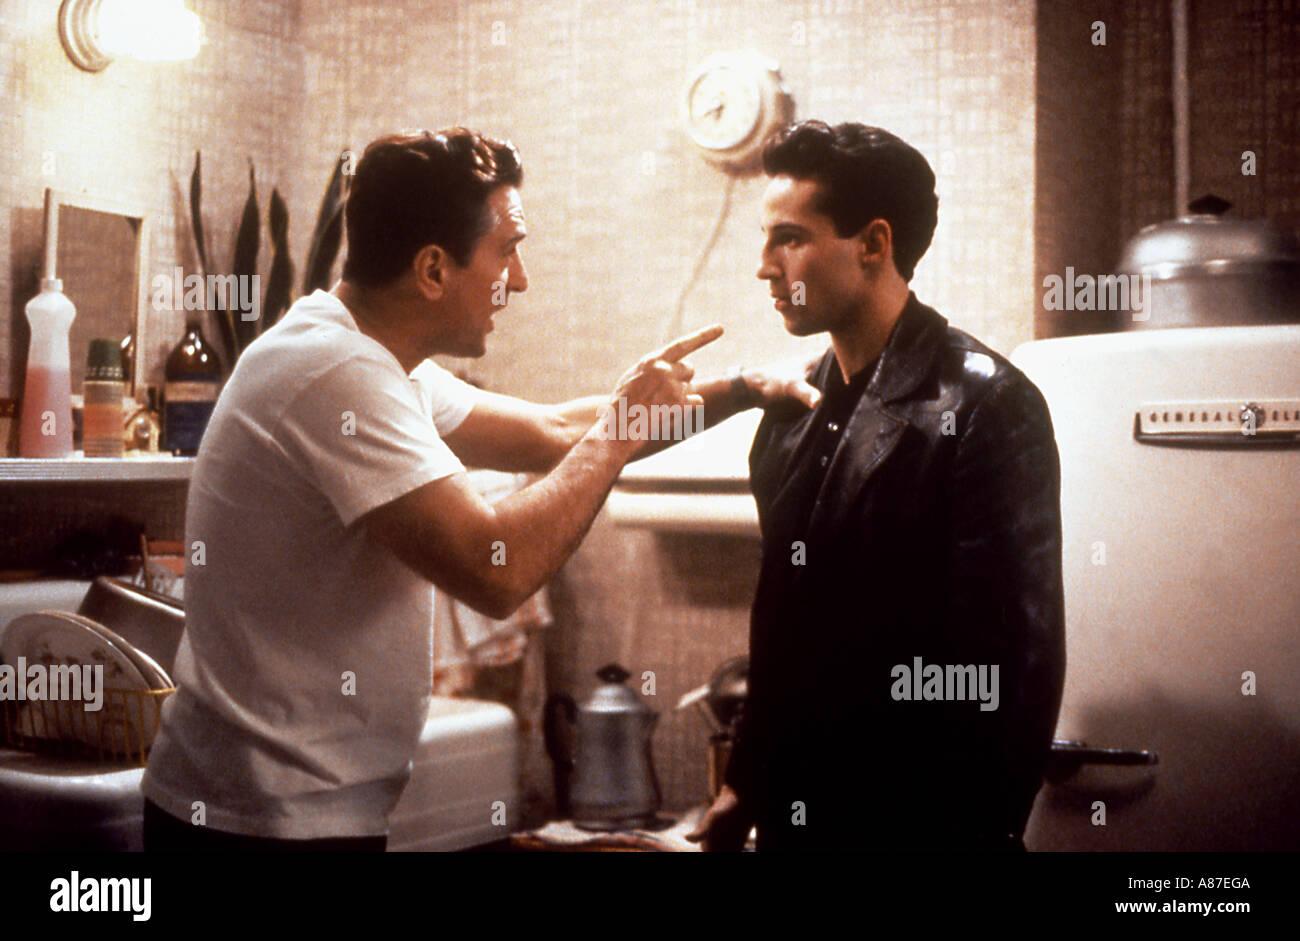 BRONX TALE 1993 Rank film con Robert DeNiro a sinistra Immagini Stock